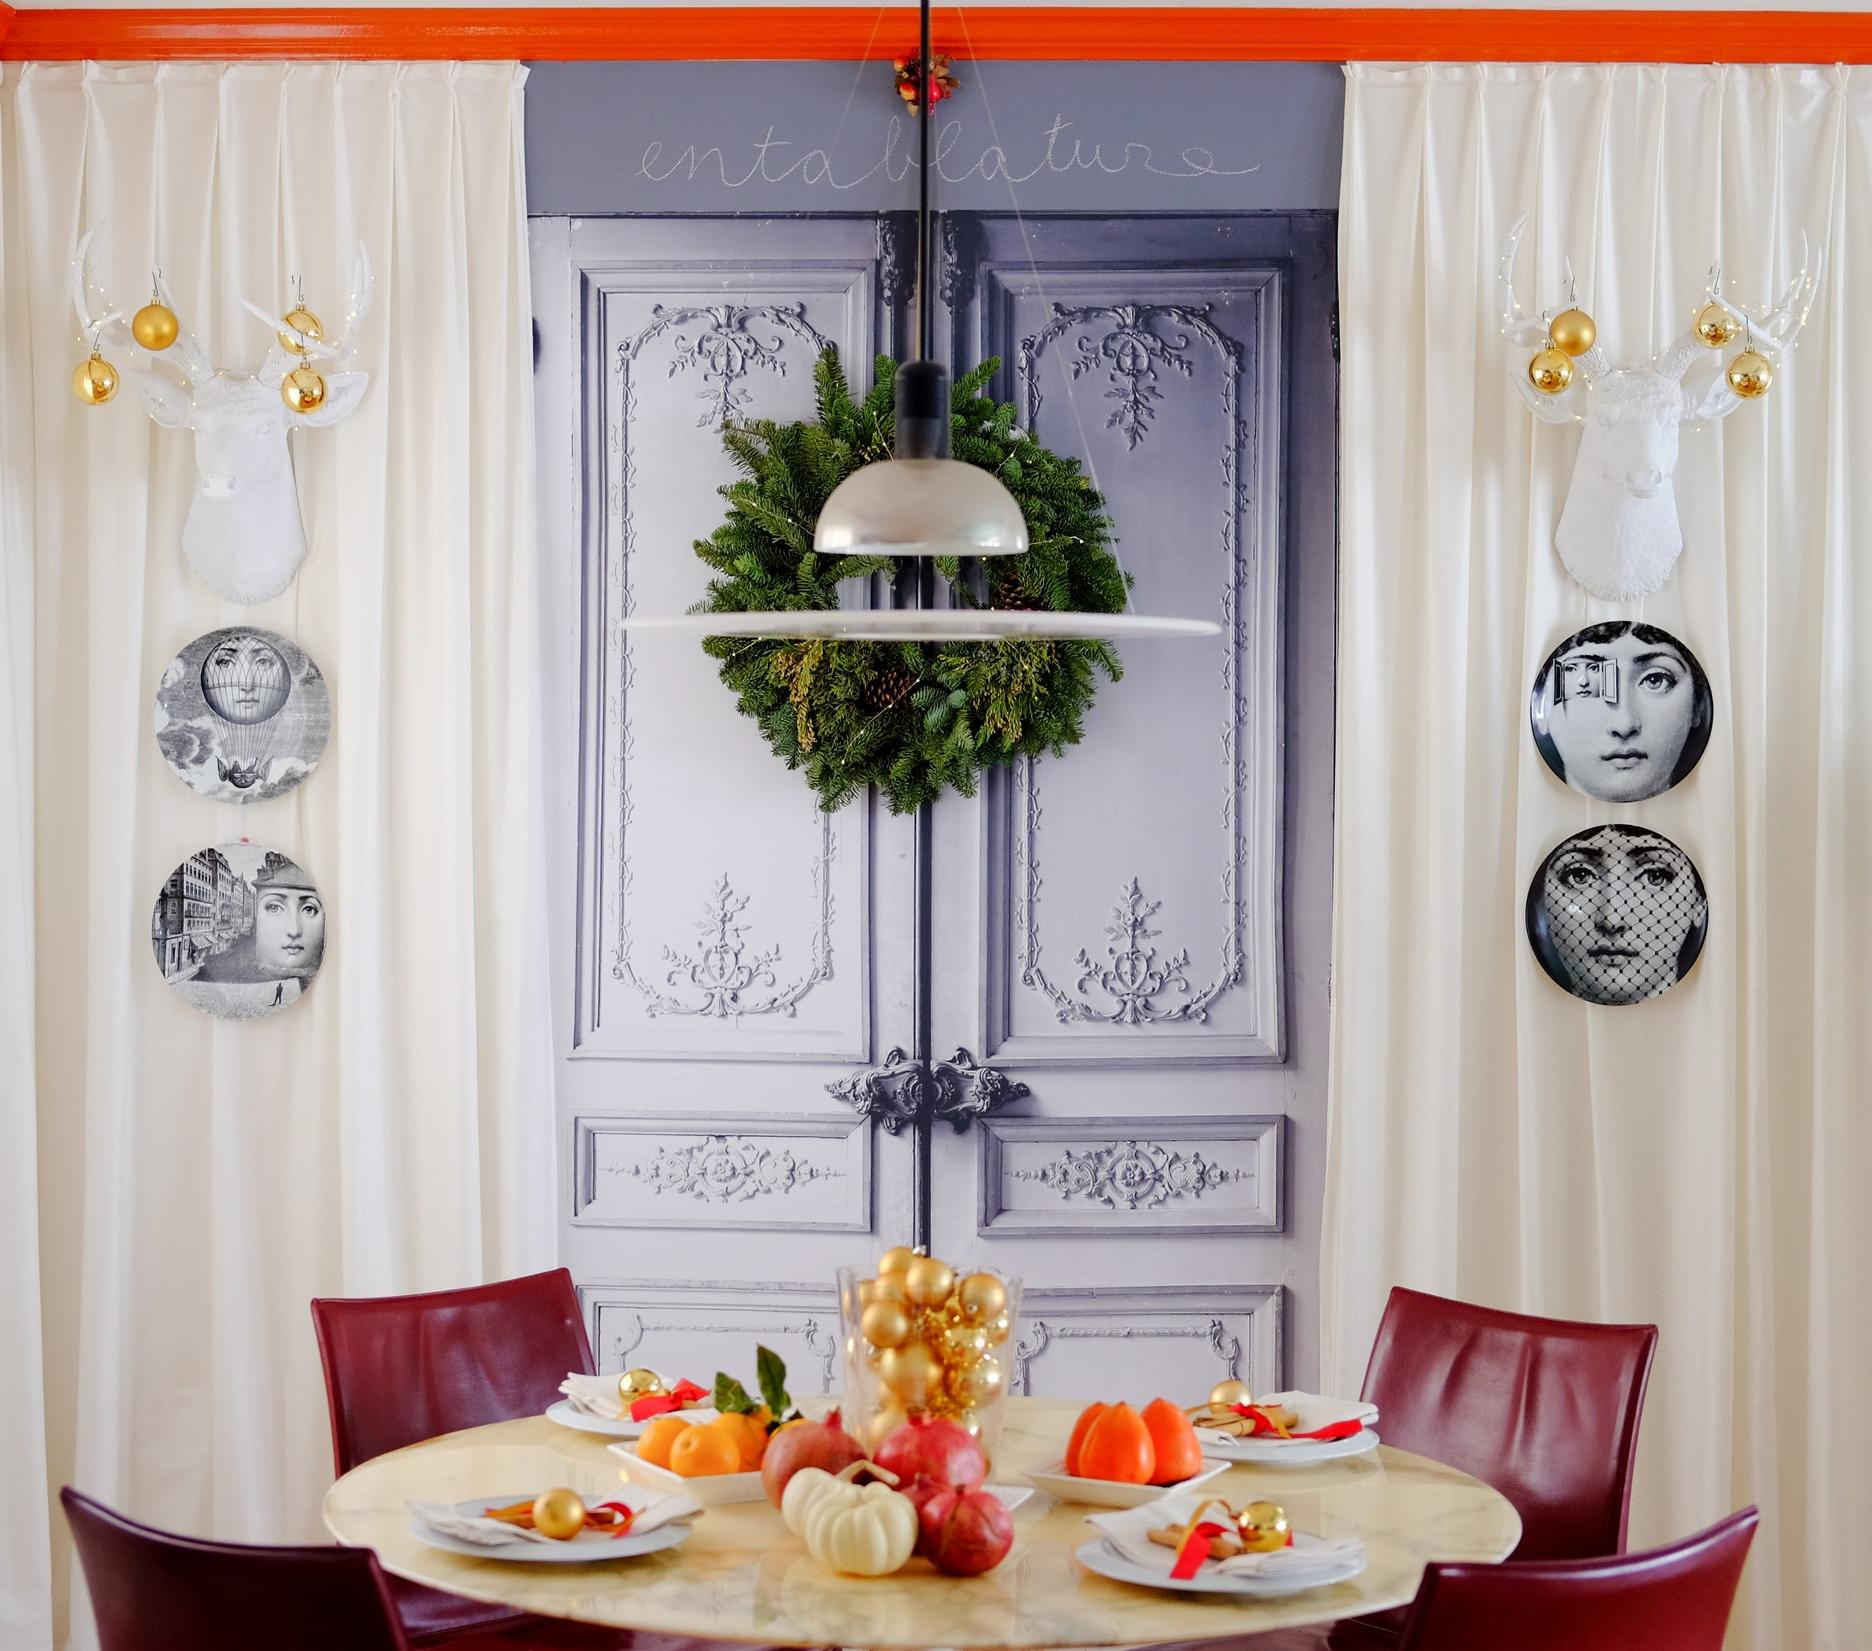 Dining Room Decor.jpg